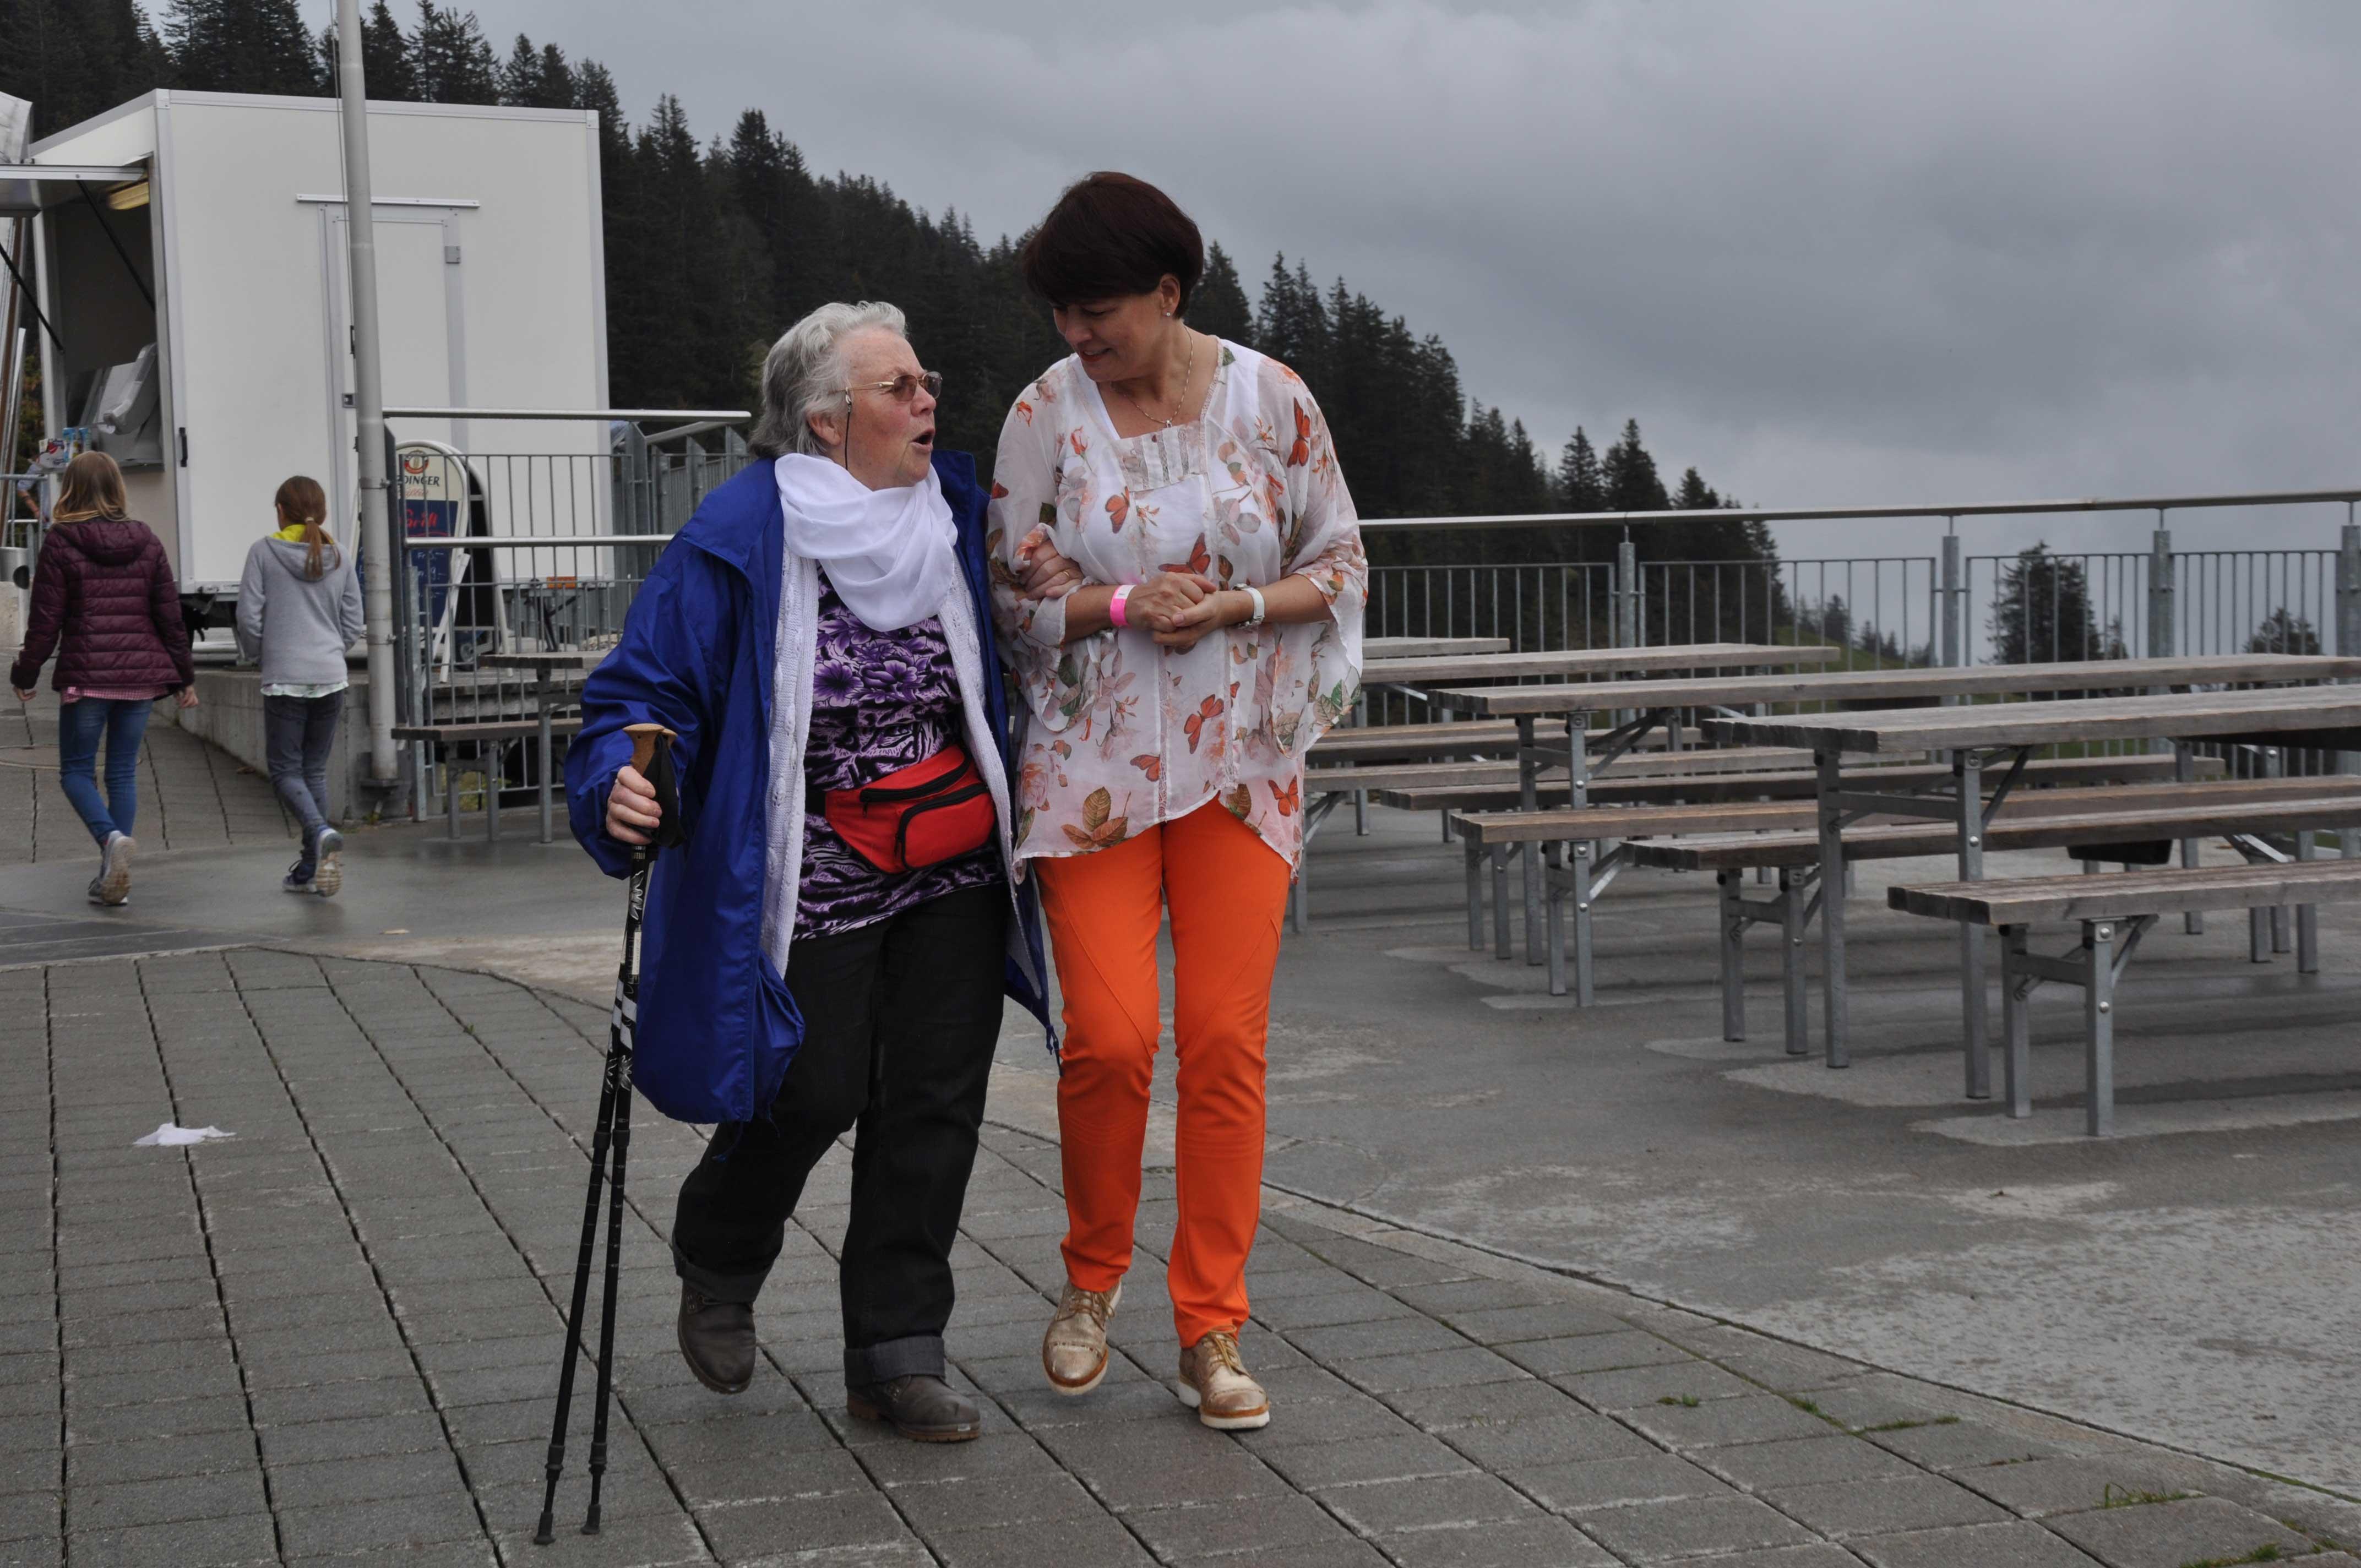 Senioren-Muttertag: Begleitung Seniorin zur Zahnradbahn